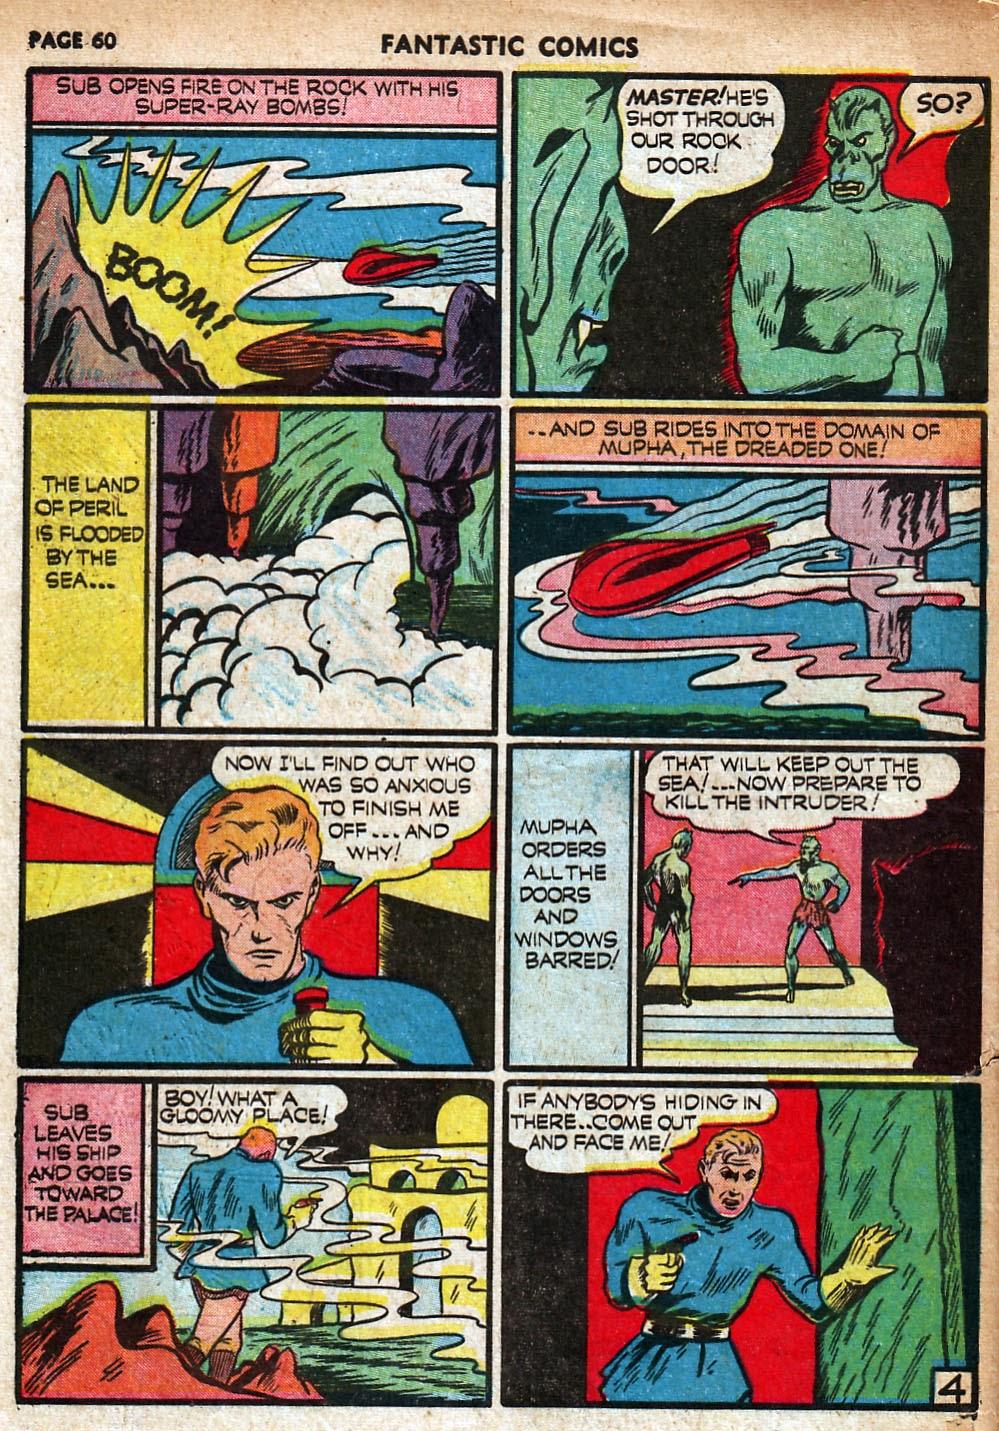 Read online Fantastic Comics comic -  Issue #18 - 62